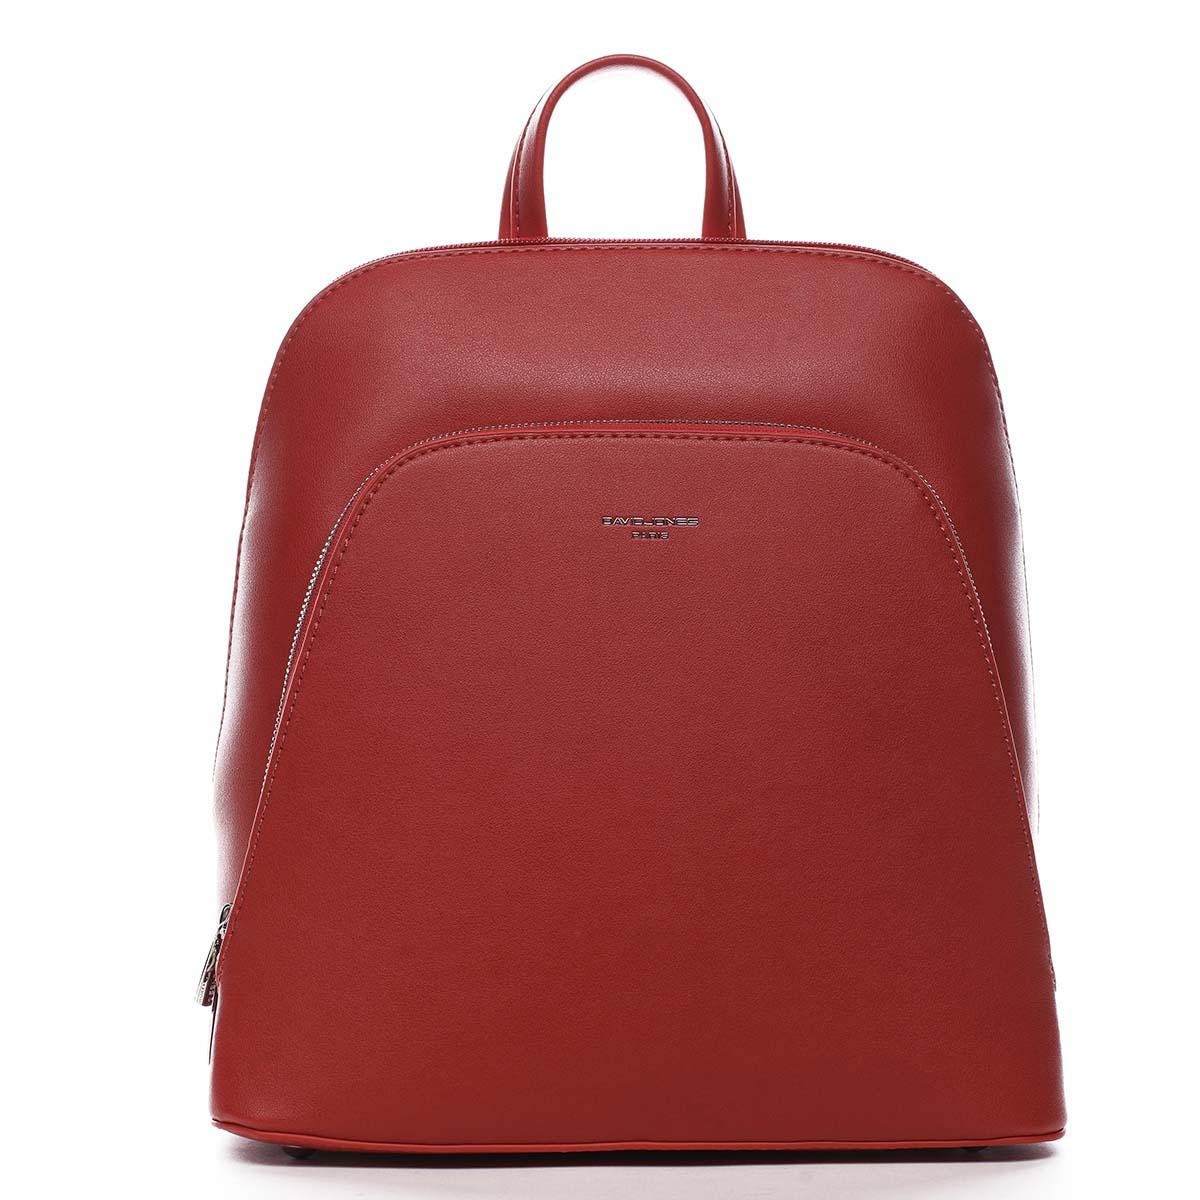 Dámsky mestský batoh červený - David Jones Yordan